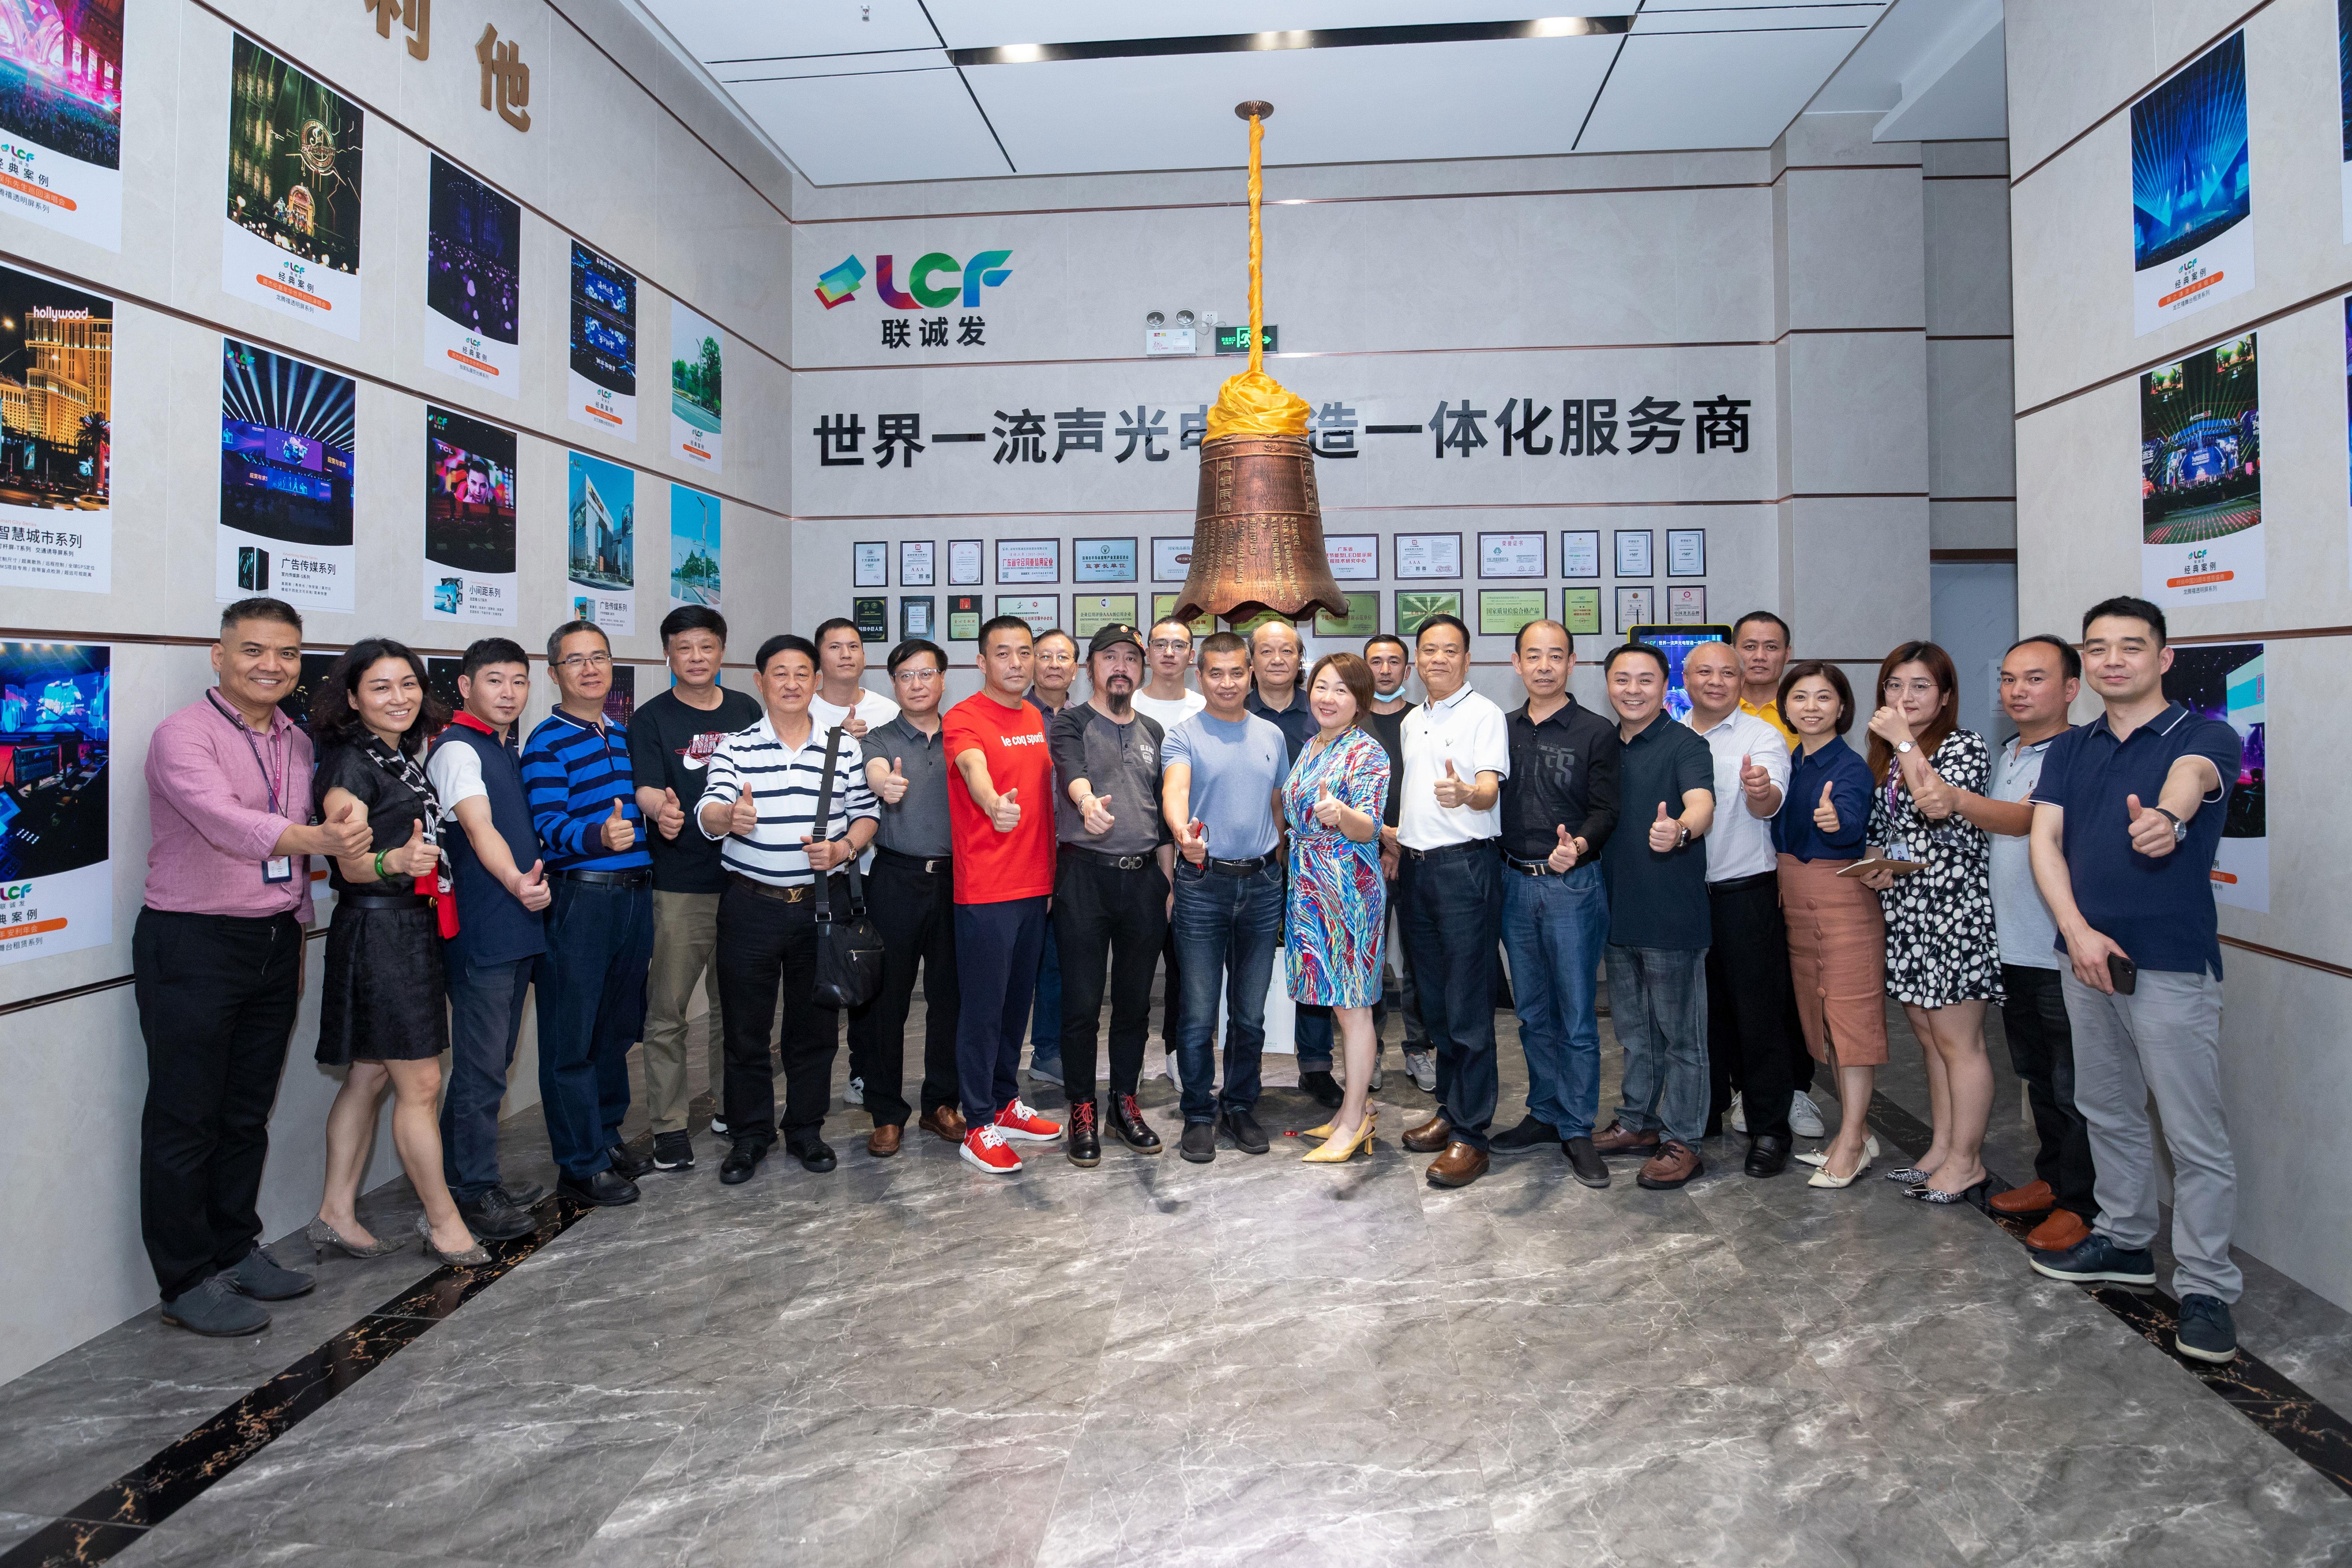 中国演艺设备技术协会福建省办事处、福建省演艺设备技术协会领导一行莅临无极3参观考察